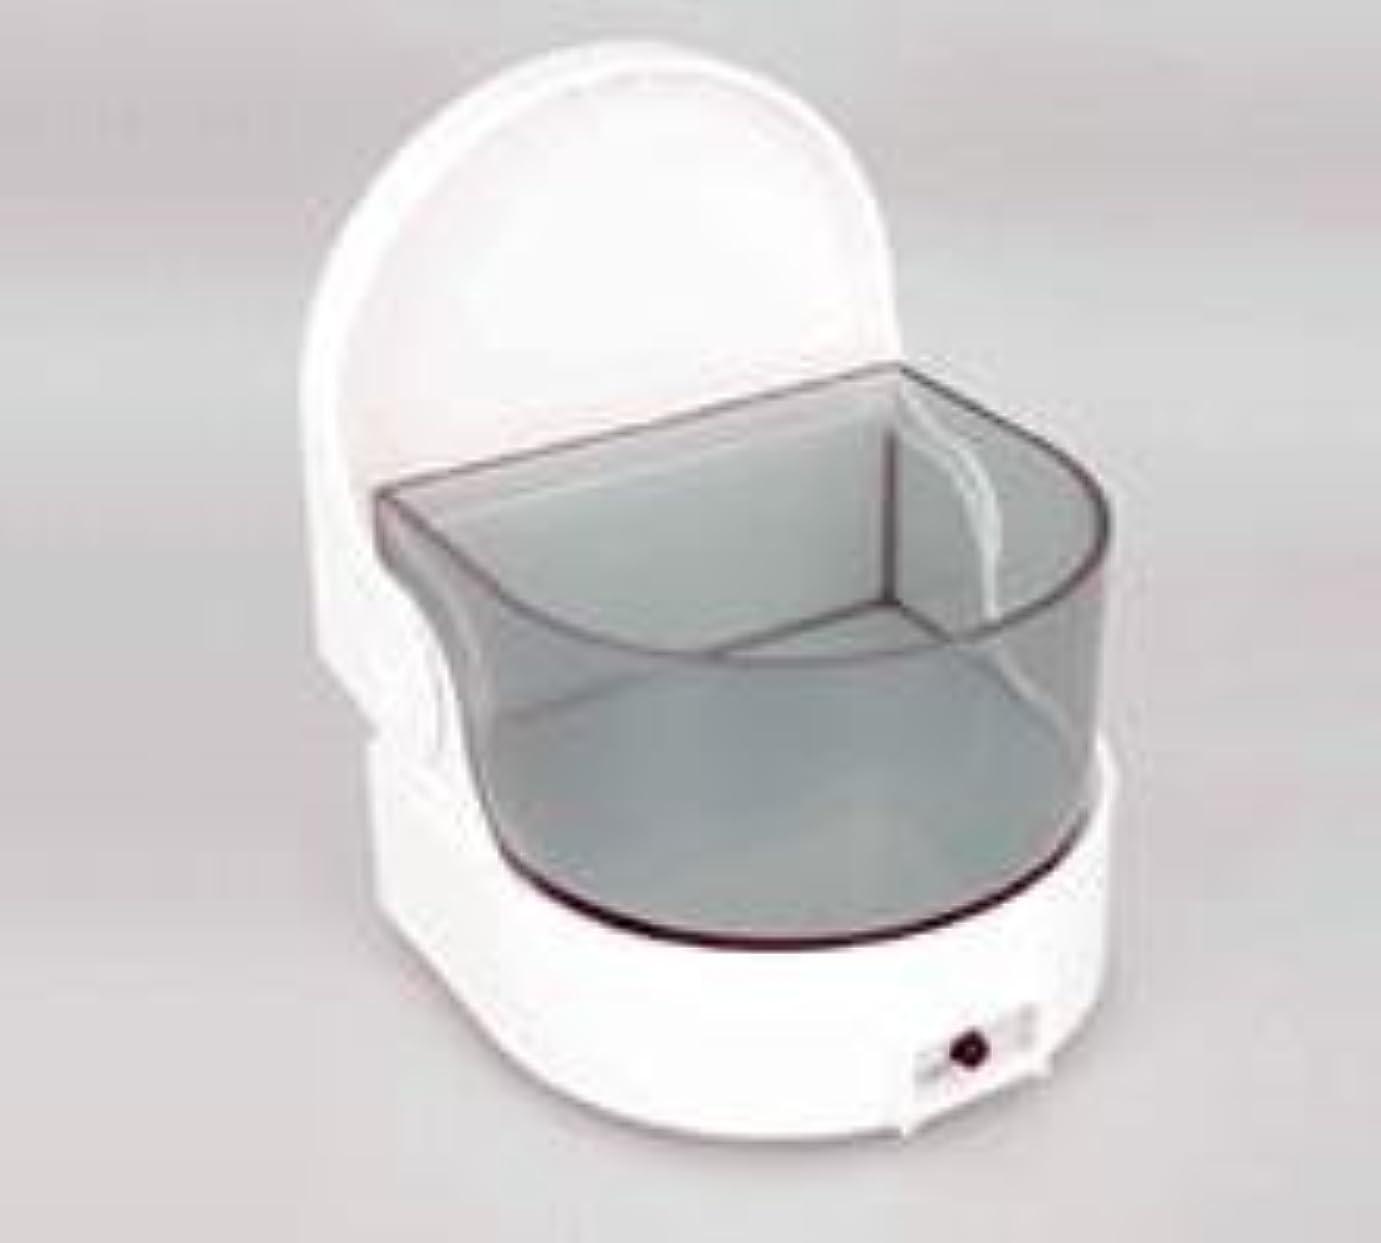 染料歯隠す義歯洗浄保存容器 ピュア デンチャークリーナー タイマー付